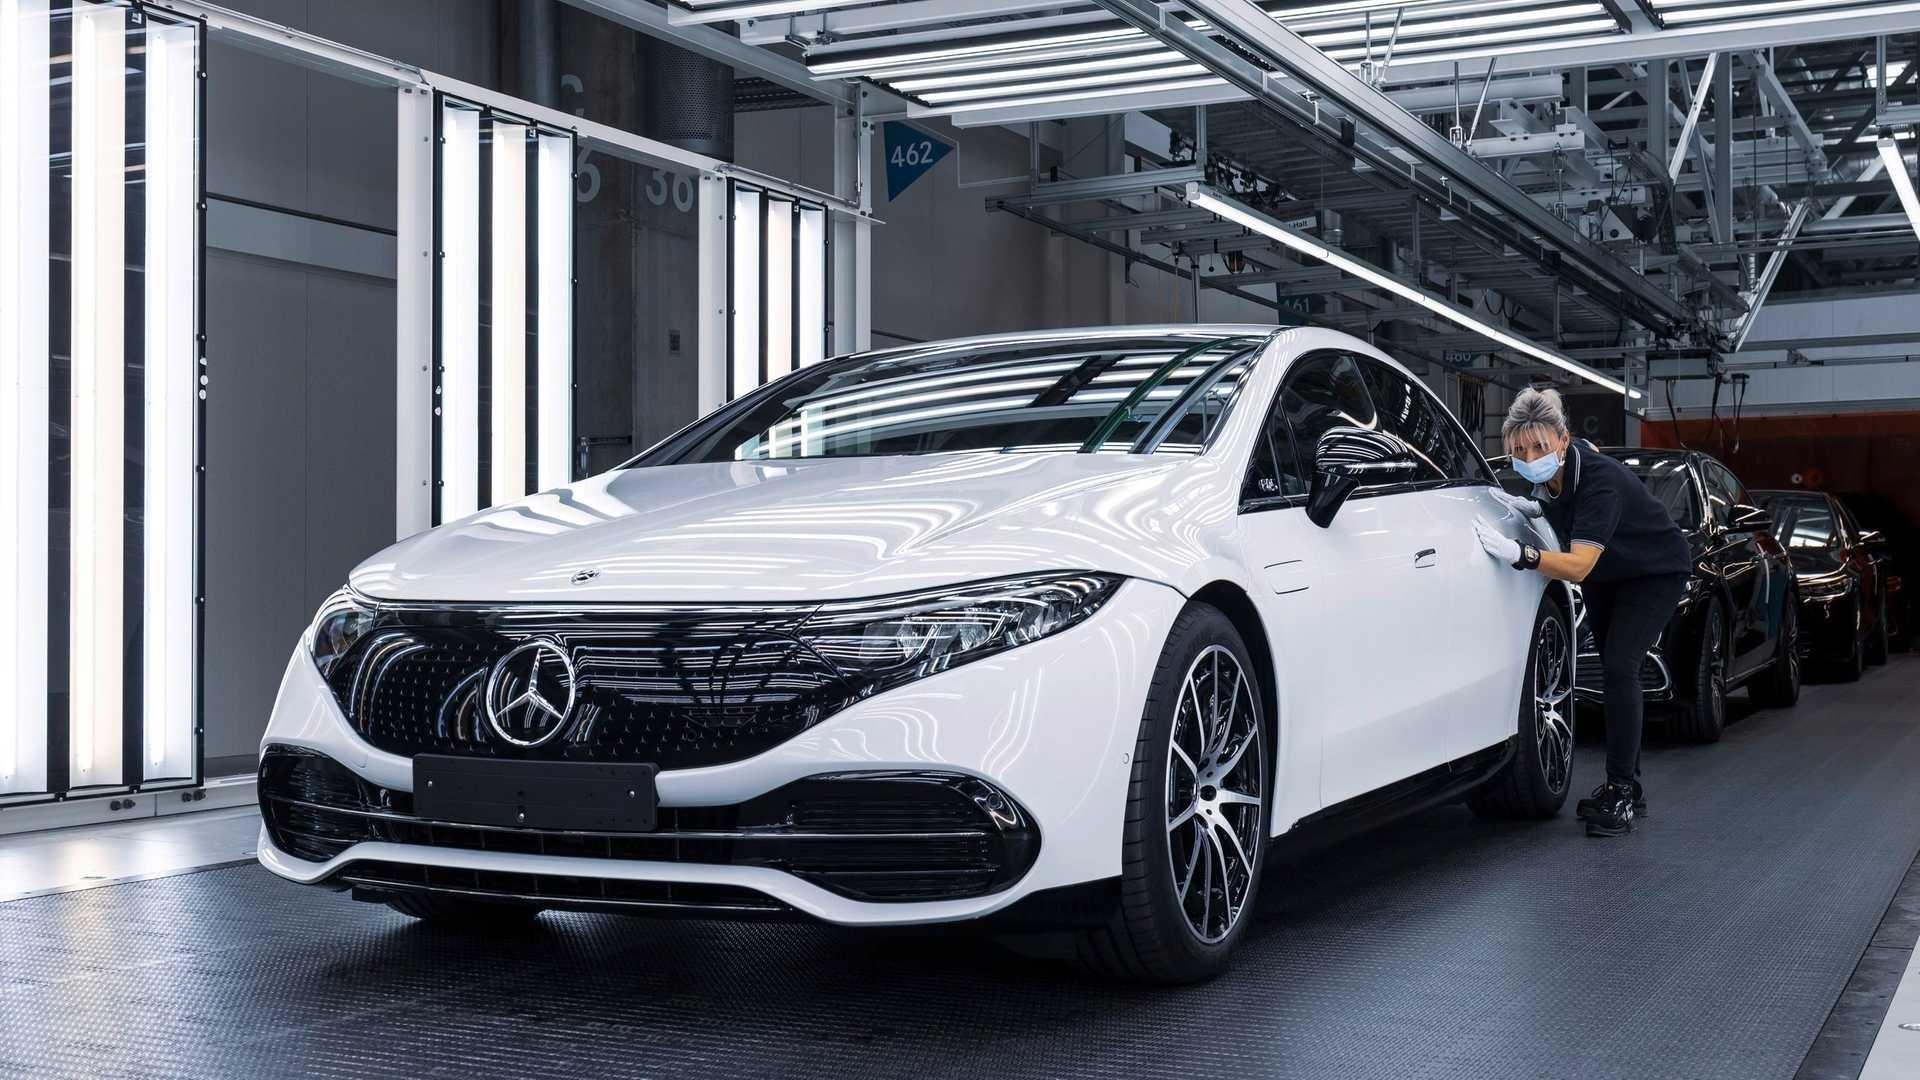 Siêu phẩm xe điện Mercedes-Benz EQS đã có giá bán, thấp nhất 106.000 euro - Ảnh 1.